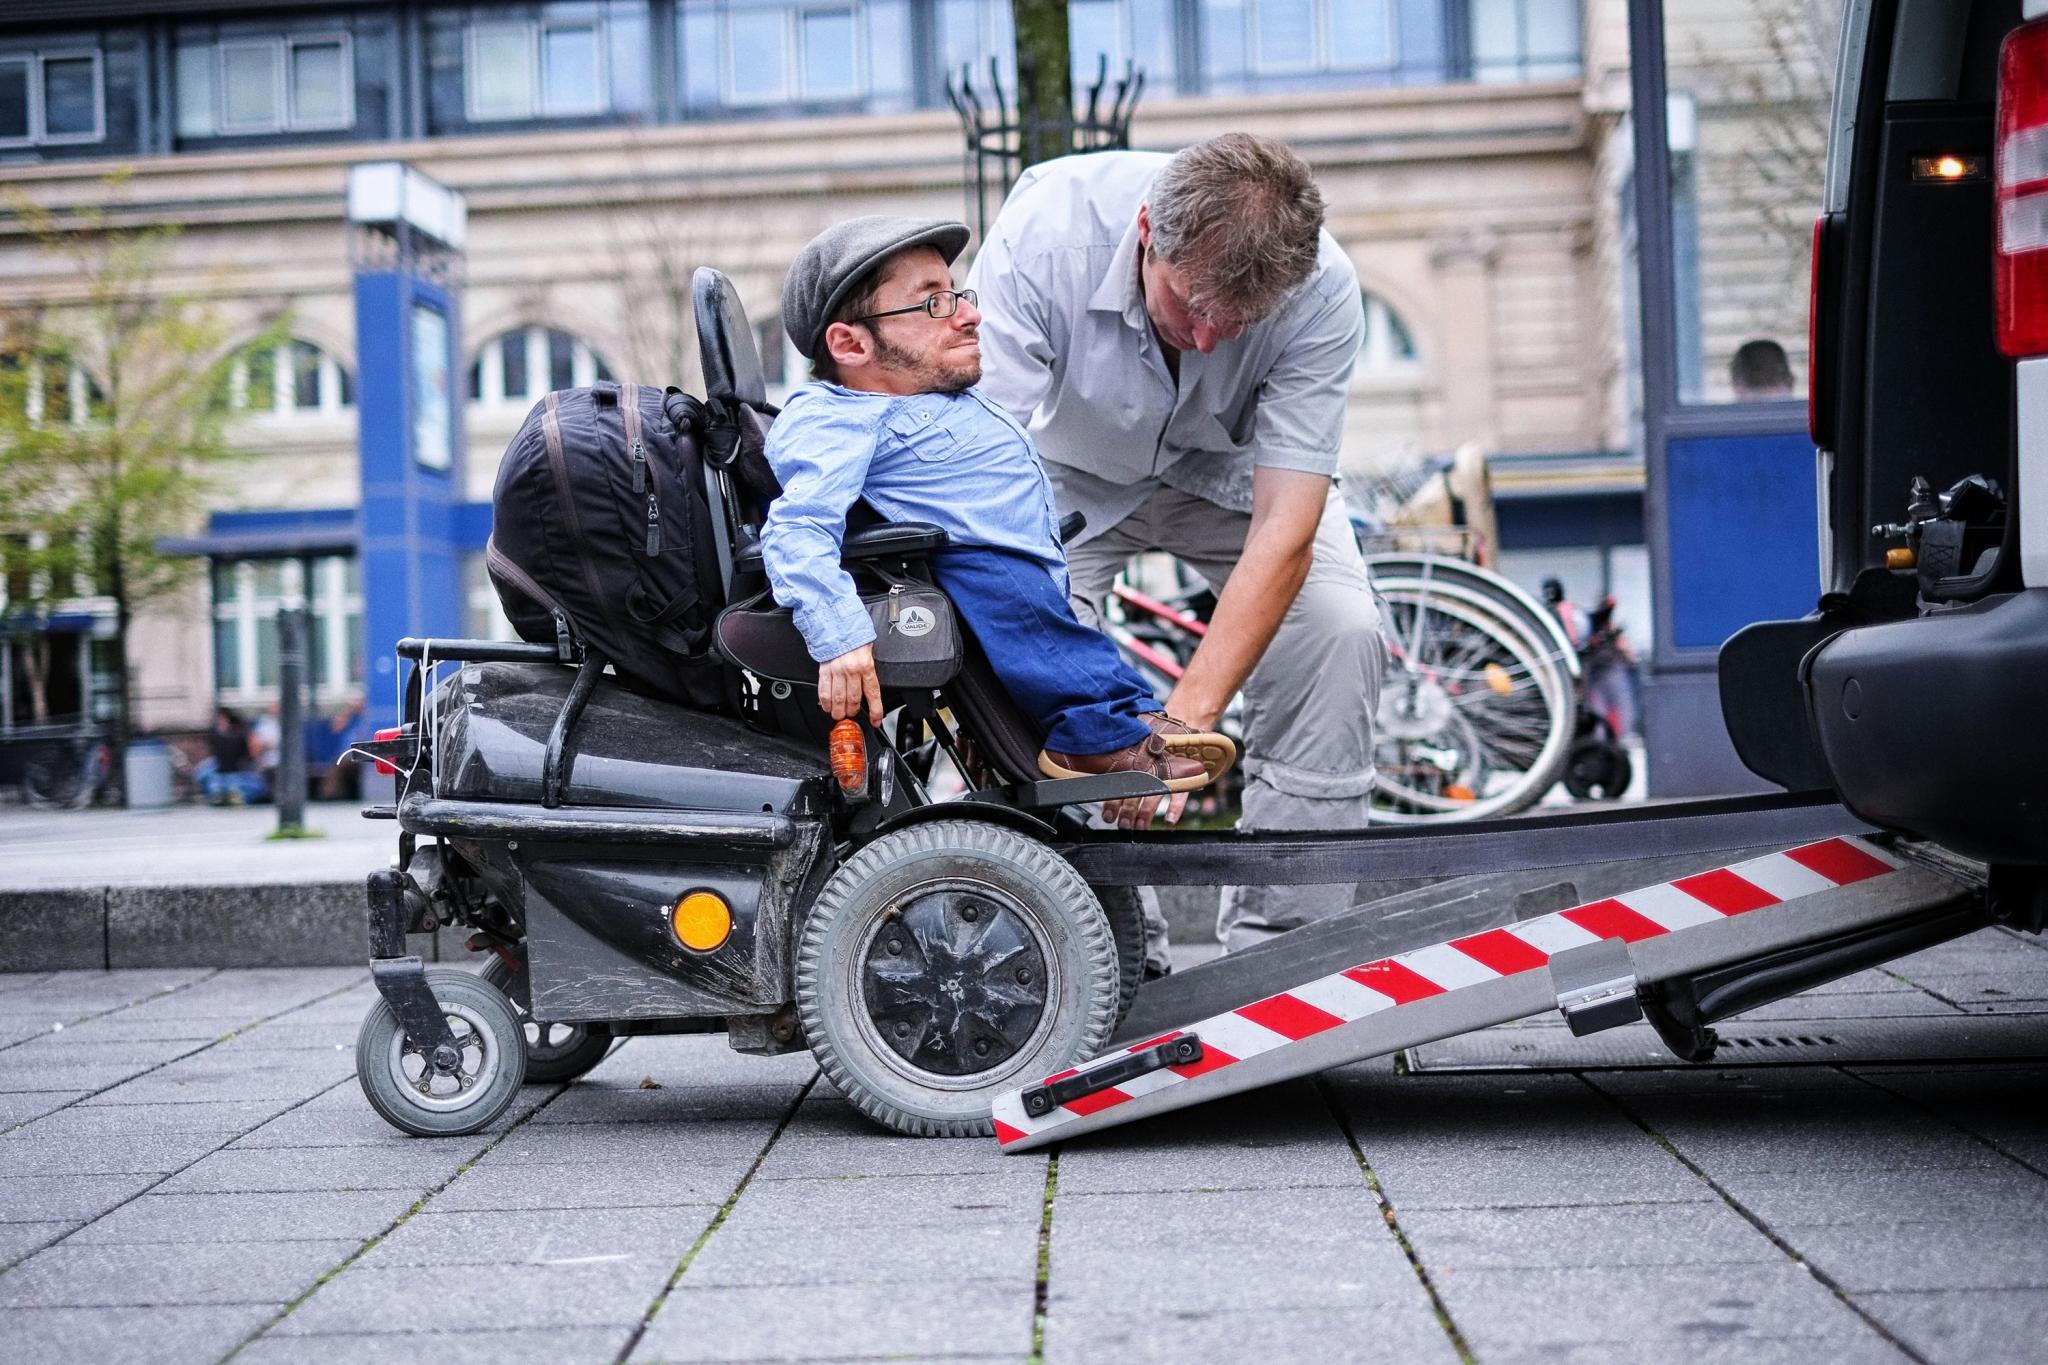 Ein Rollstuhlfahrer gelangt über eine kleine Rampe in das Rollstuhltaxi. Neben ihm steht ein Taxifahrer, der ihm beim Einsteigen hilft.